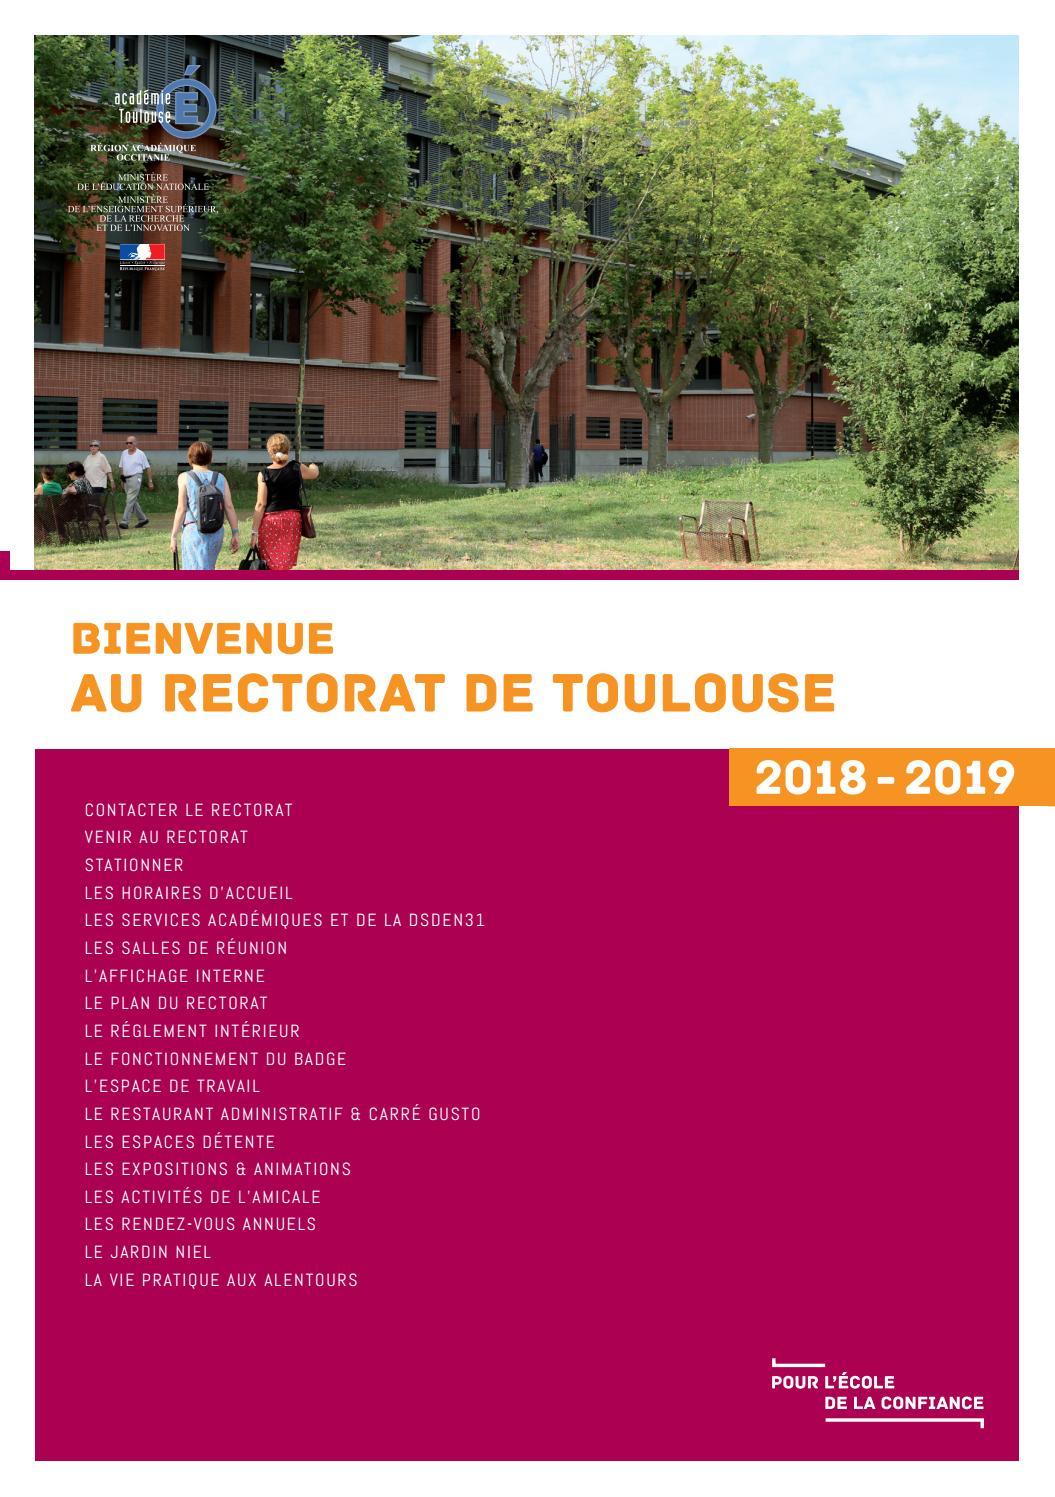 Bienvenue Au Rectorat De Toulouse By Academie De Toulouse Issuu